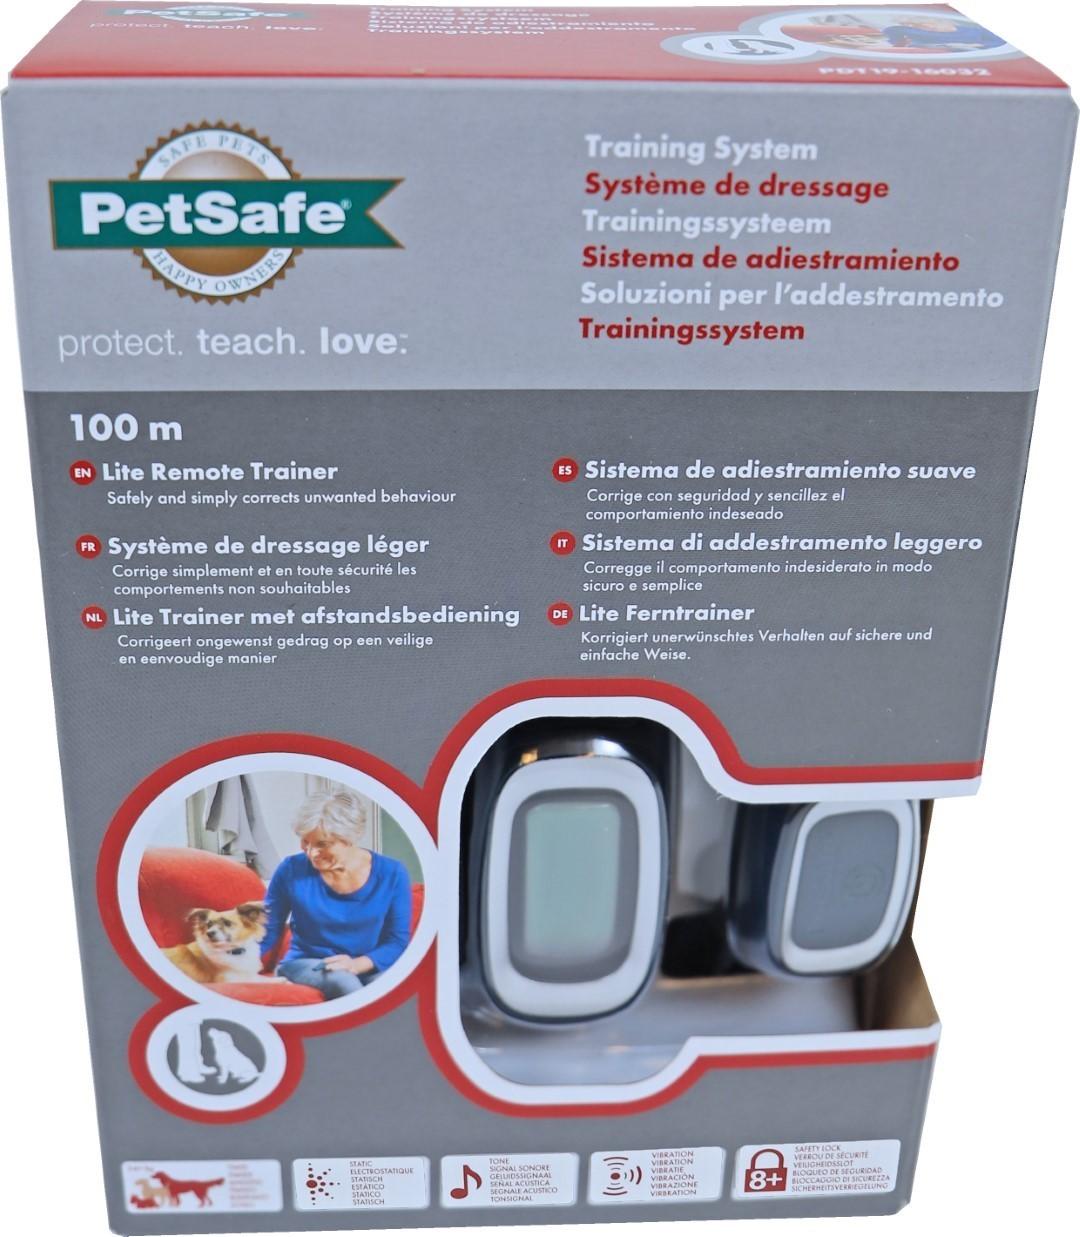 PetSafe digitale lite trainer 100 meter PDT19-16032